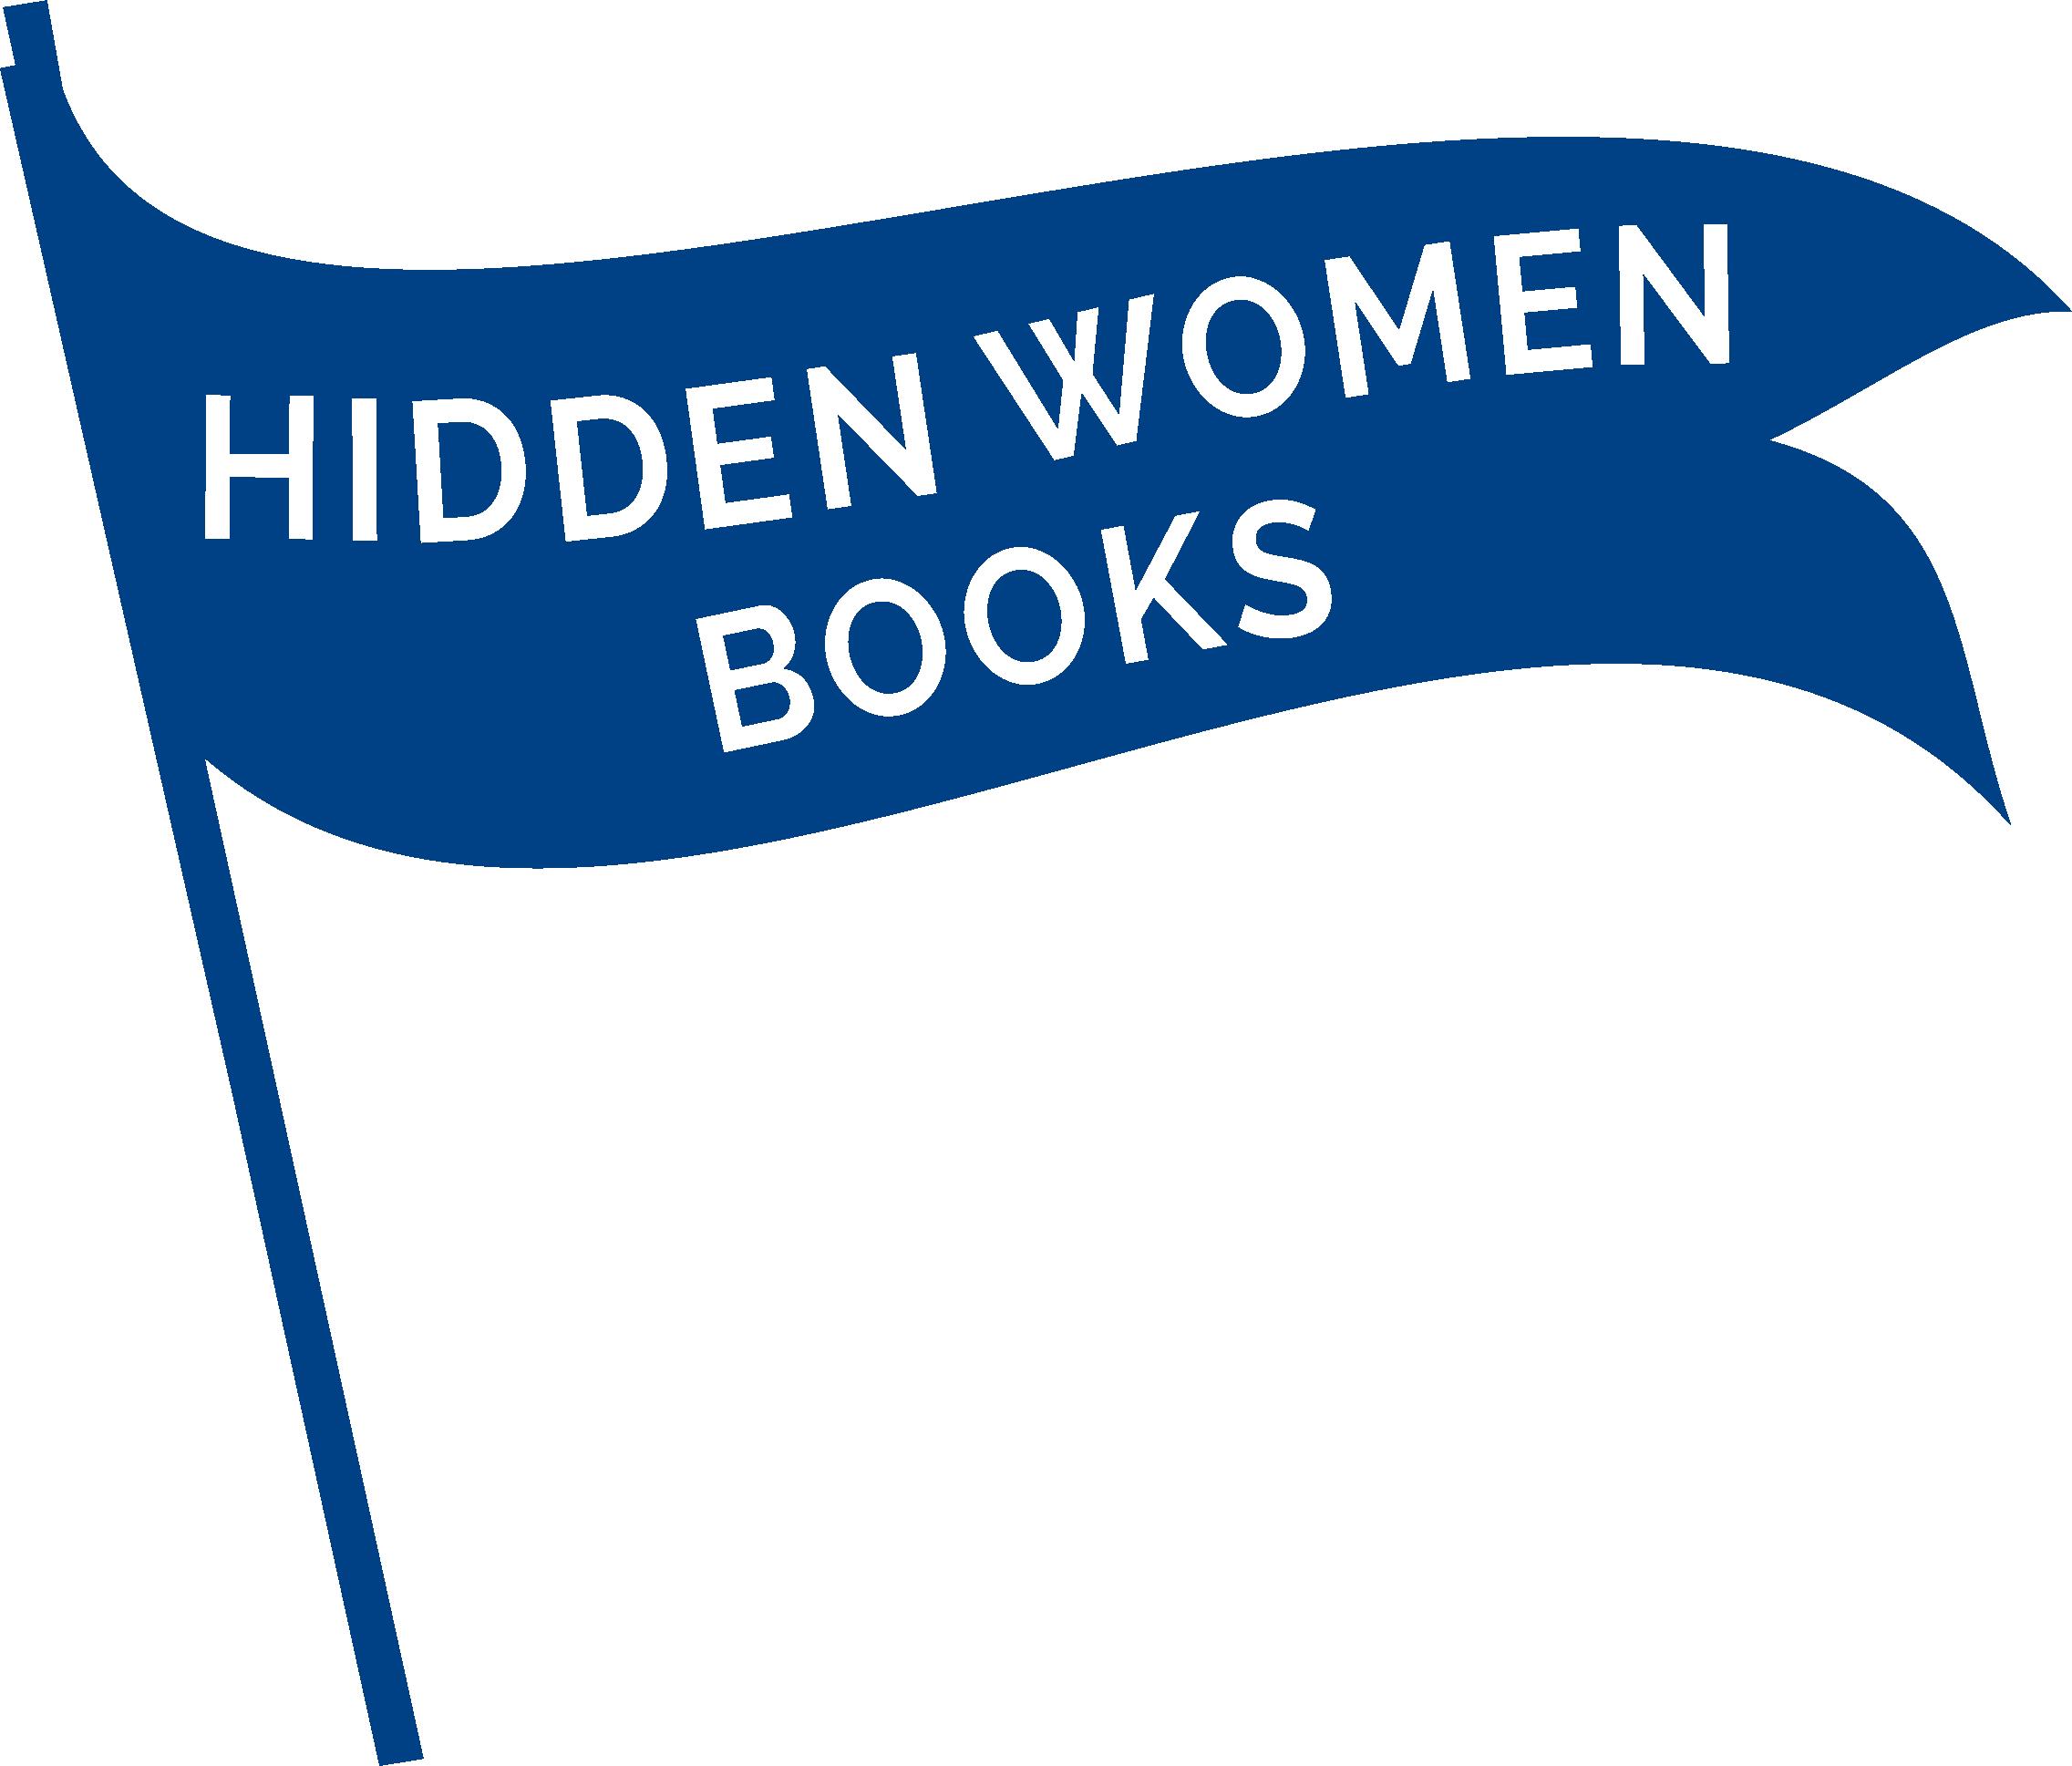 HWB-logo-100-0-75-25.png